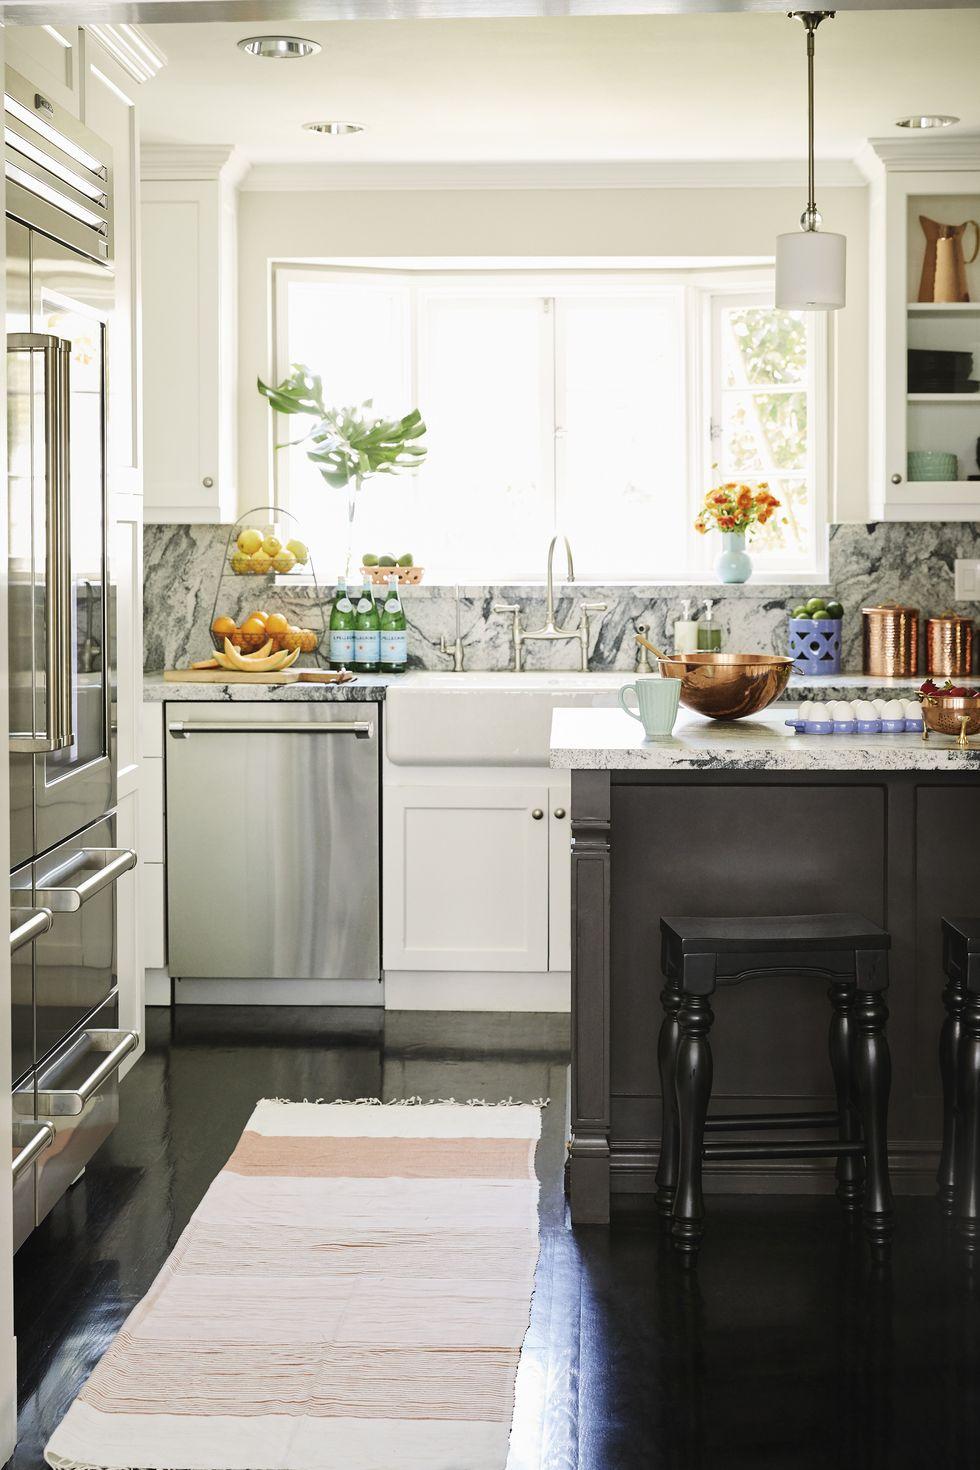 آشپزخانه خاص و متفاوت با بک گراند خاص 2020